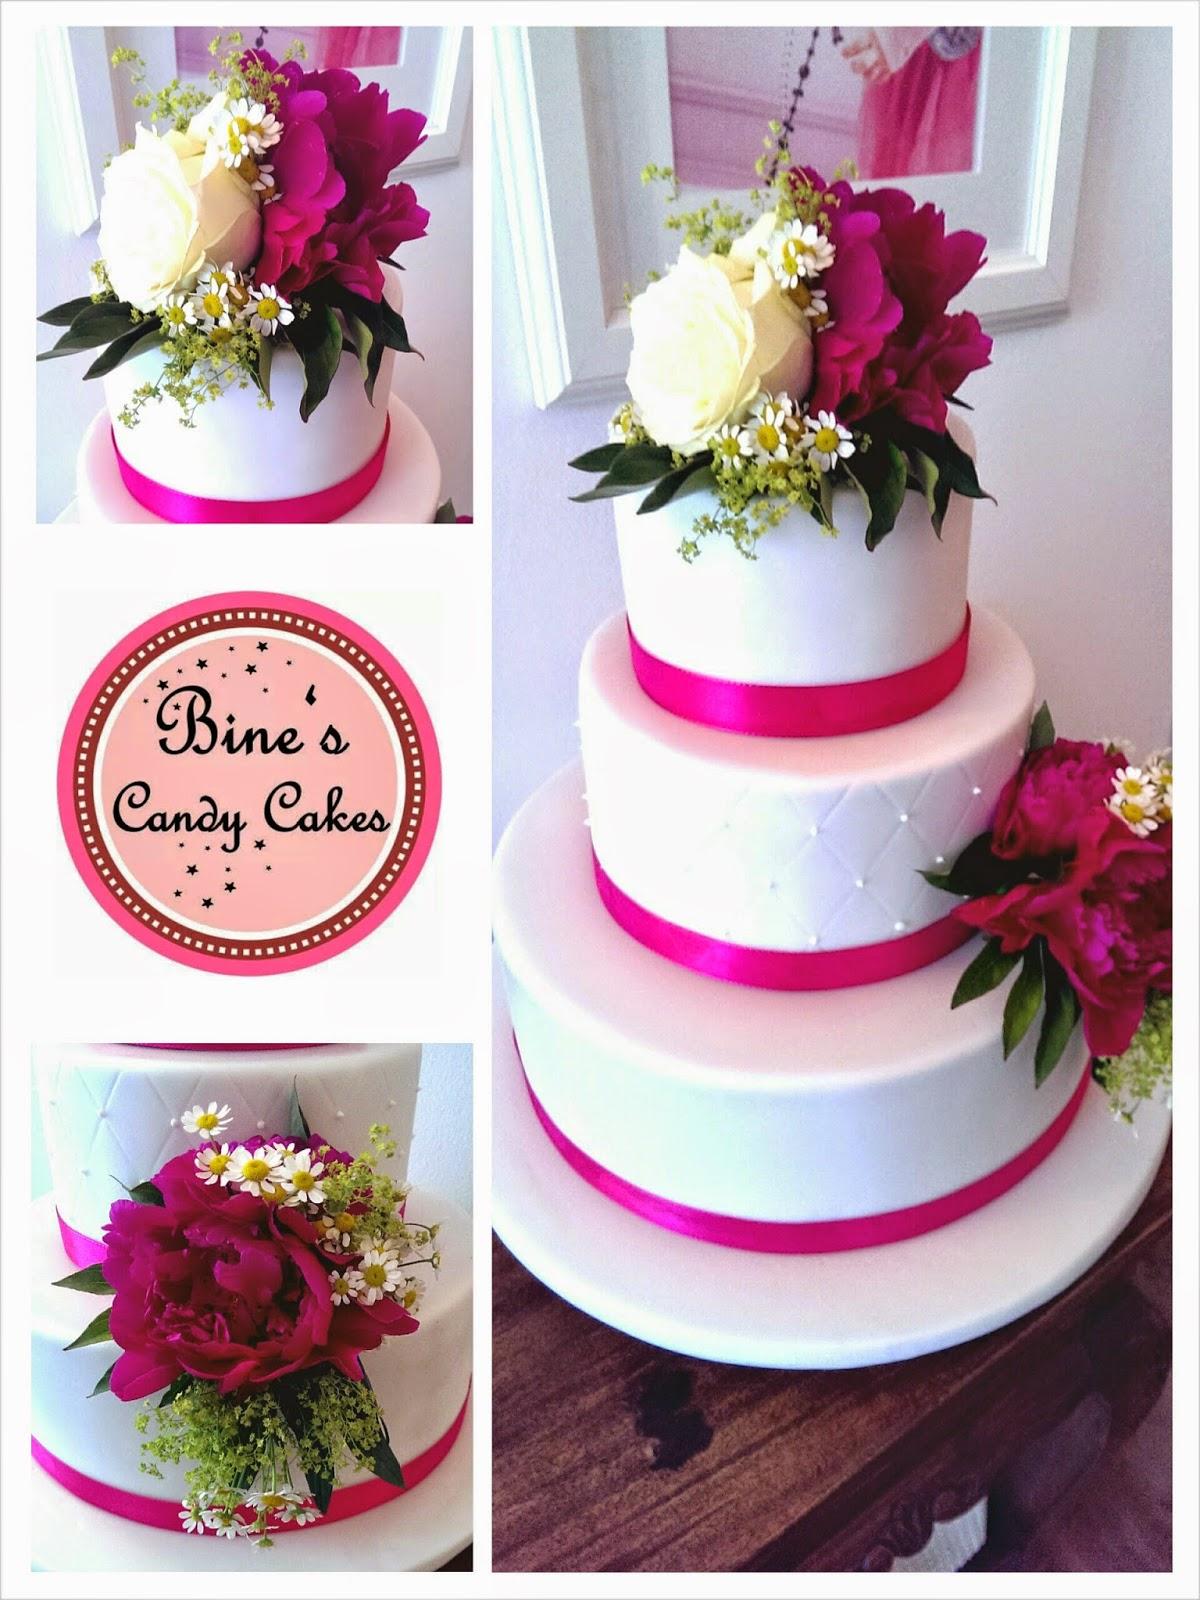 Bine S Candy Cakes Hochzeit In Pink